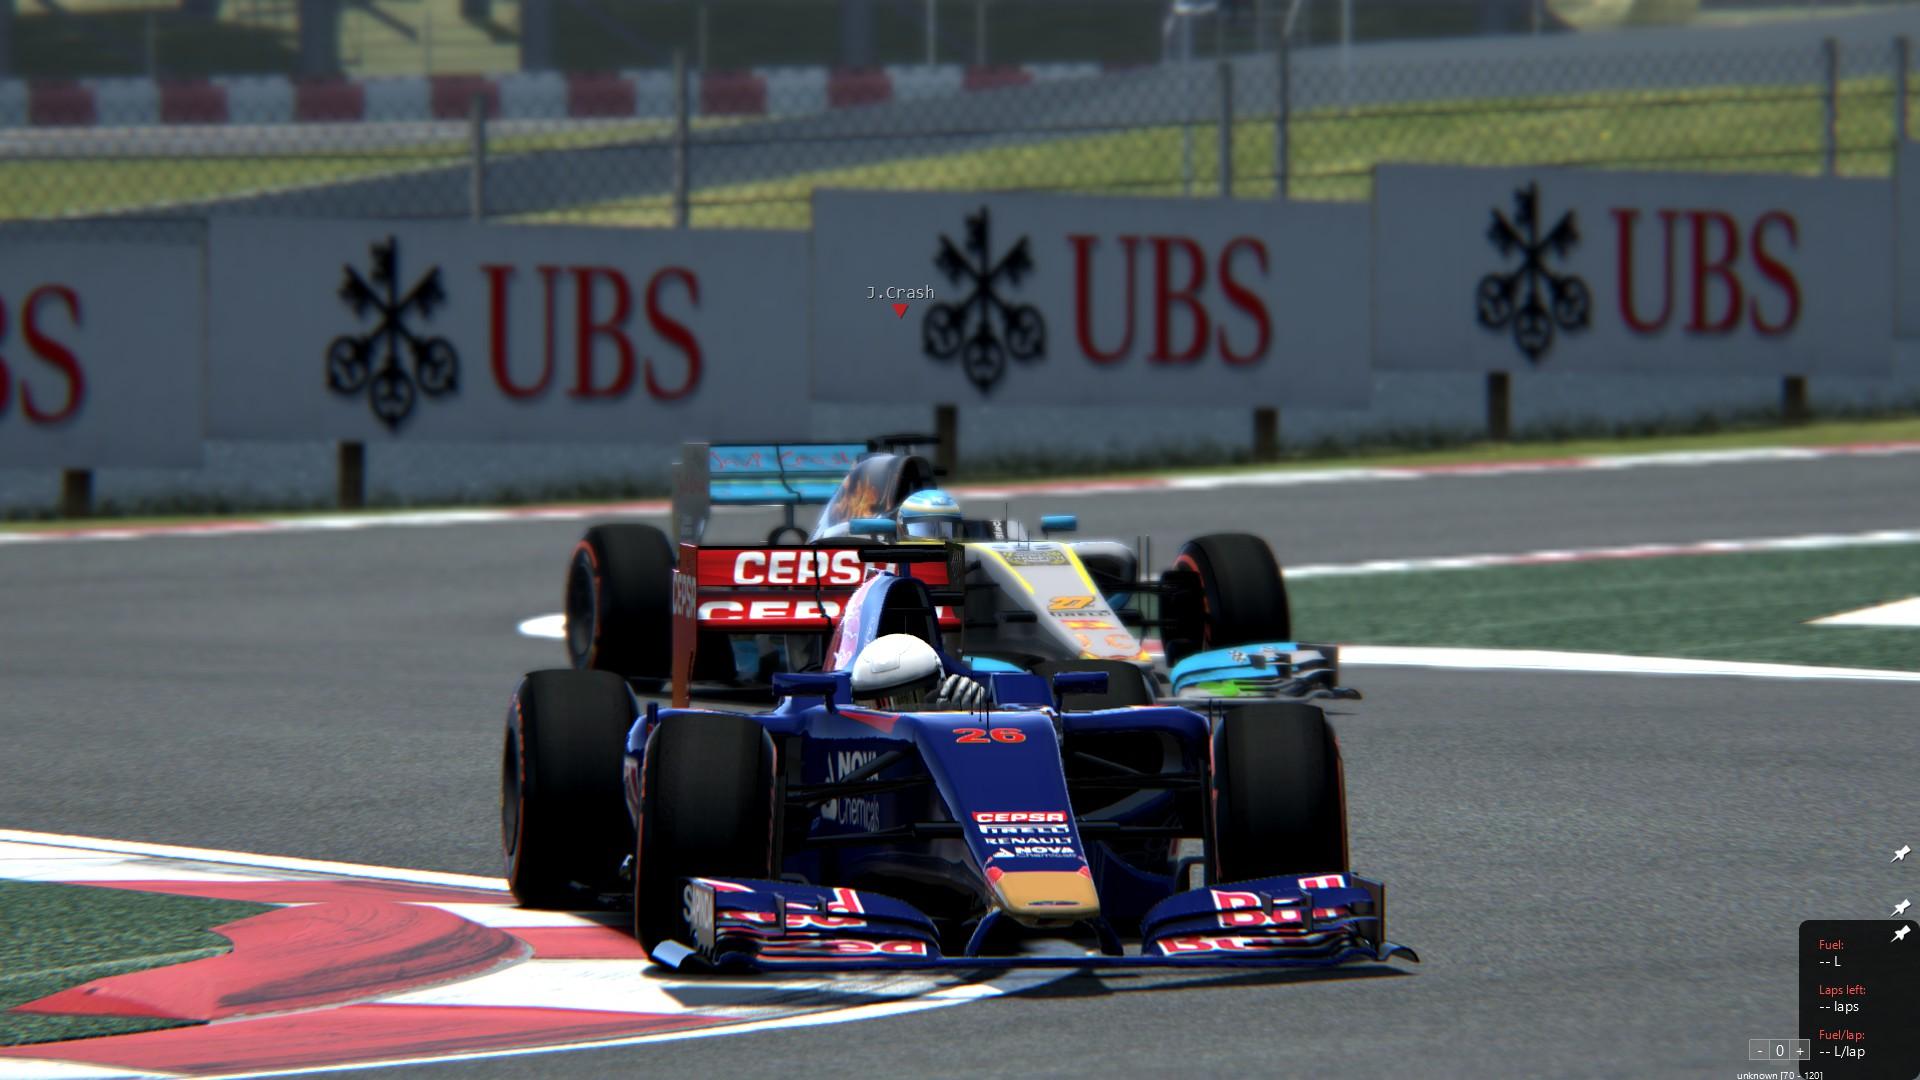 Gp de España F1 Paralela Assetto F1 Spain  B77E0795C1F18735F43ACE2BA32BB60355C9E015